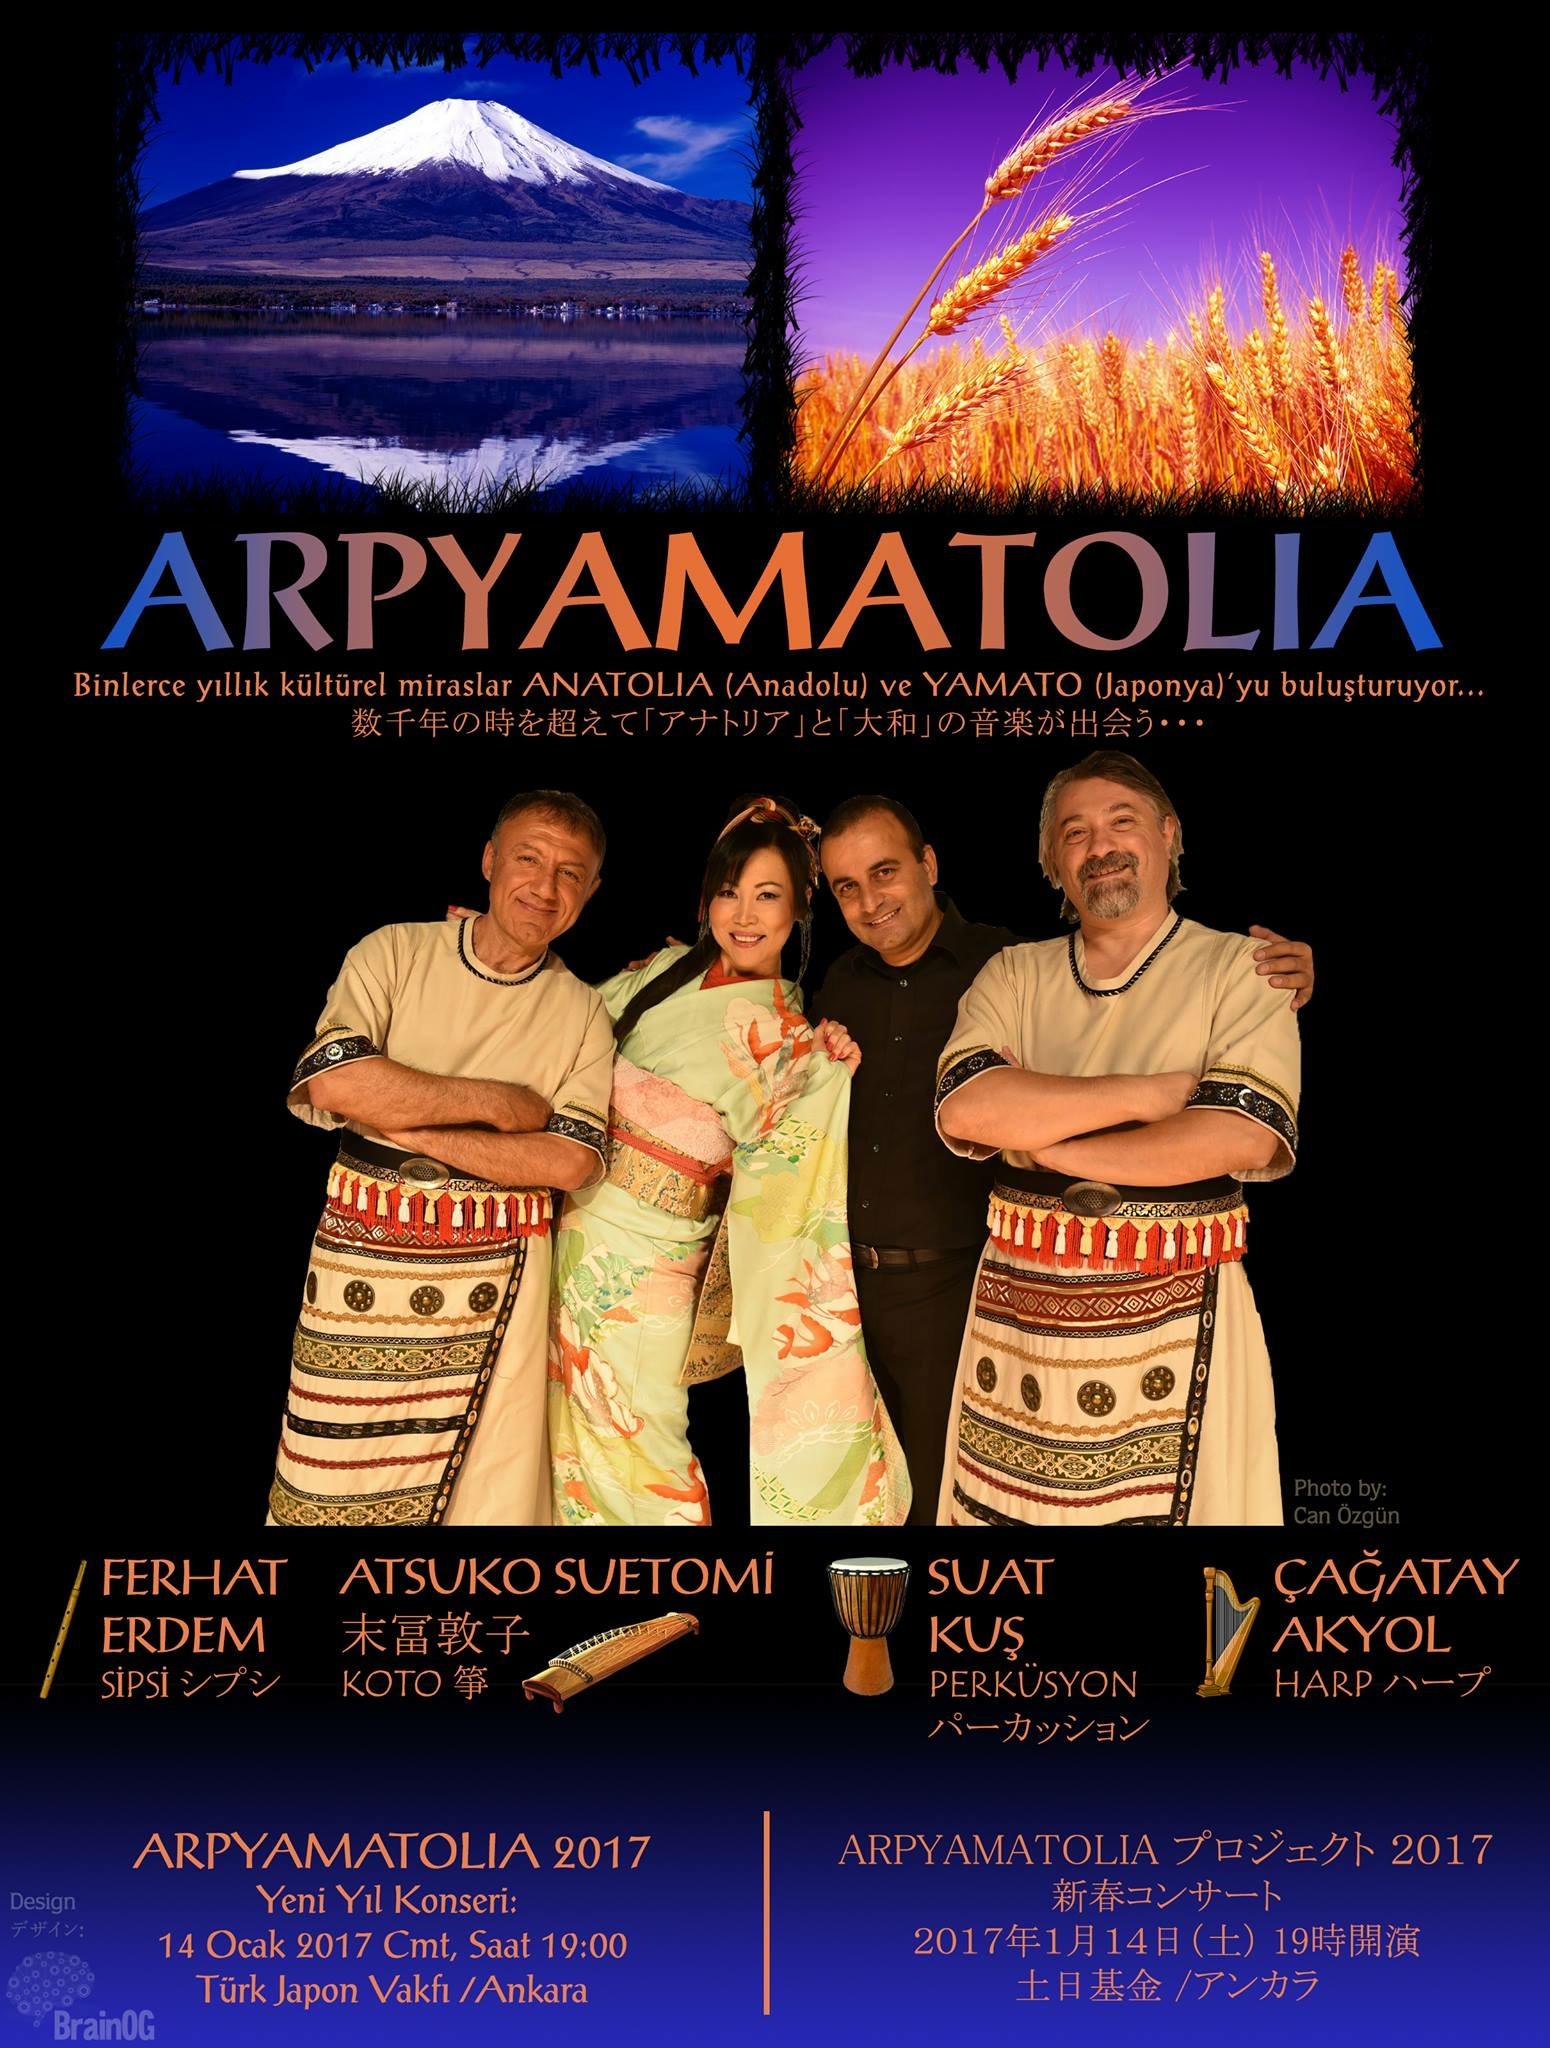 Arpyamatolia